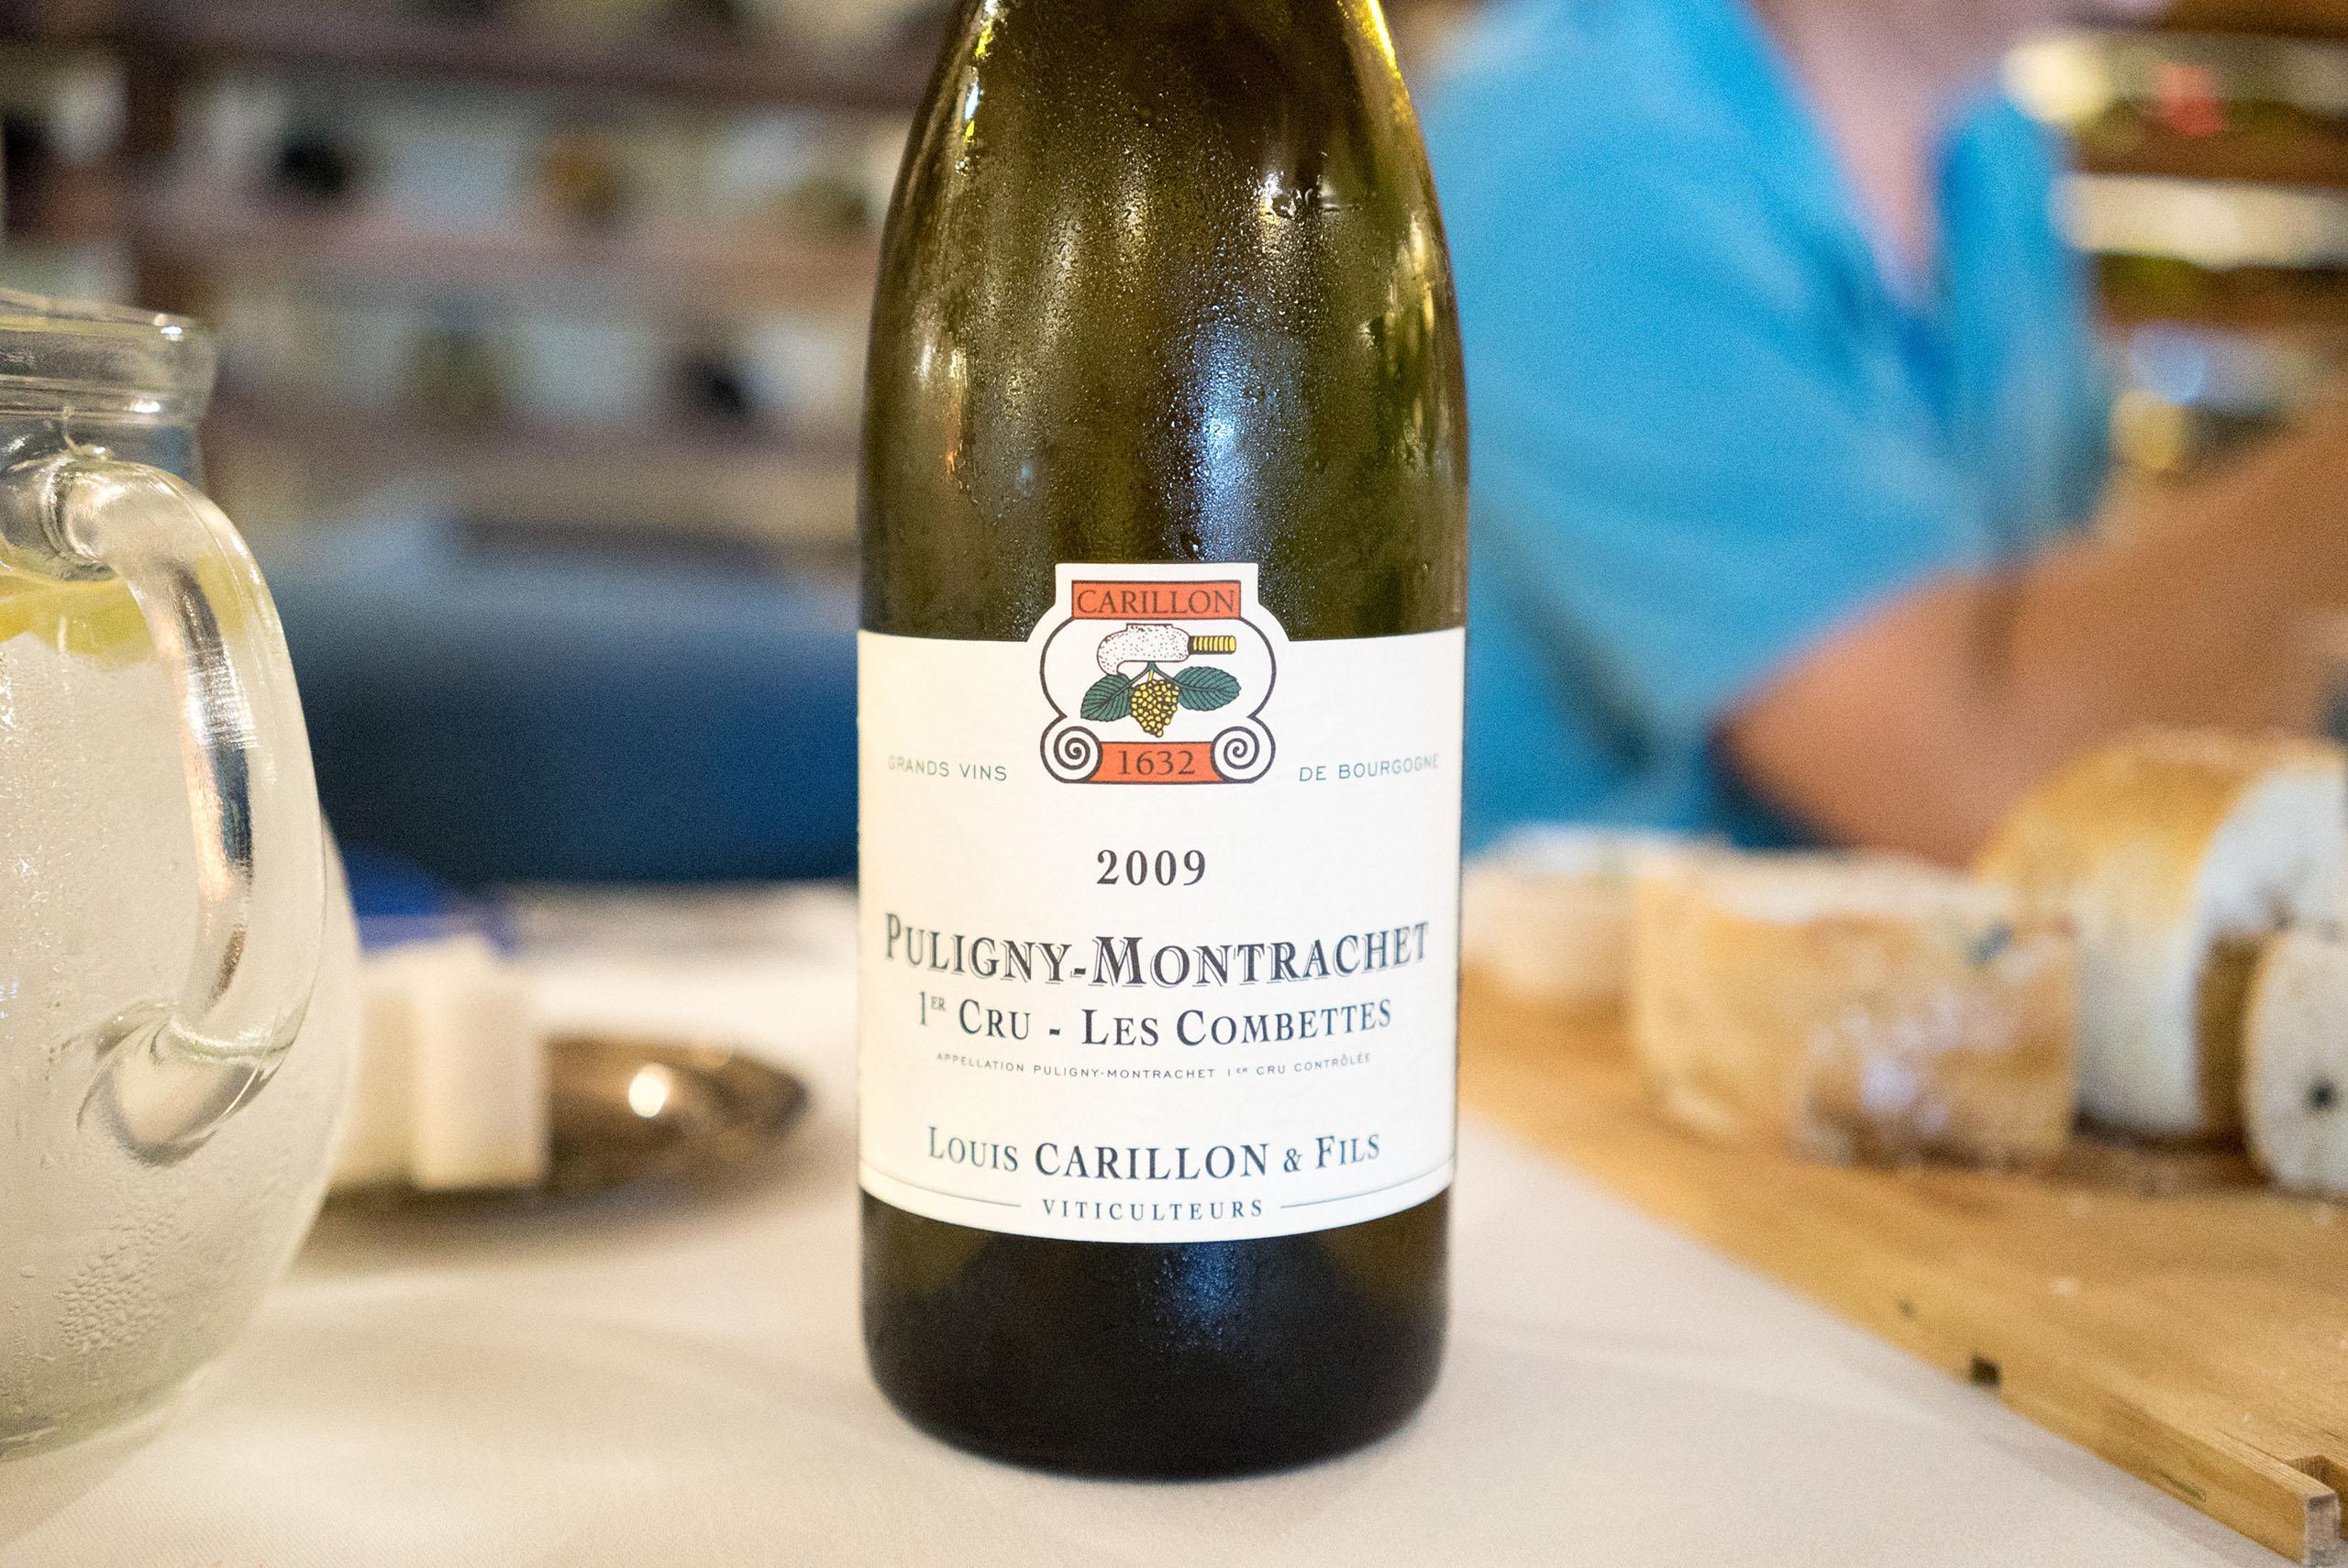 Louis Carillon Puligny-Montrachet 1er CRU Les Combettes 2009